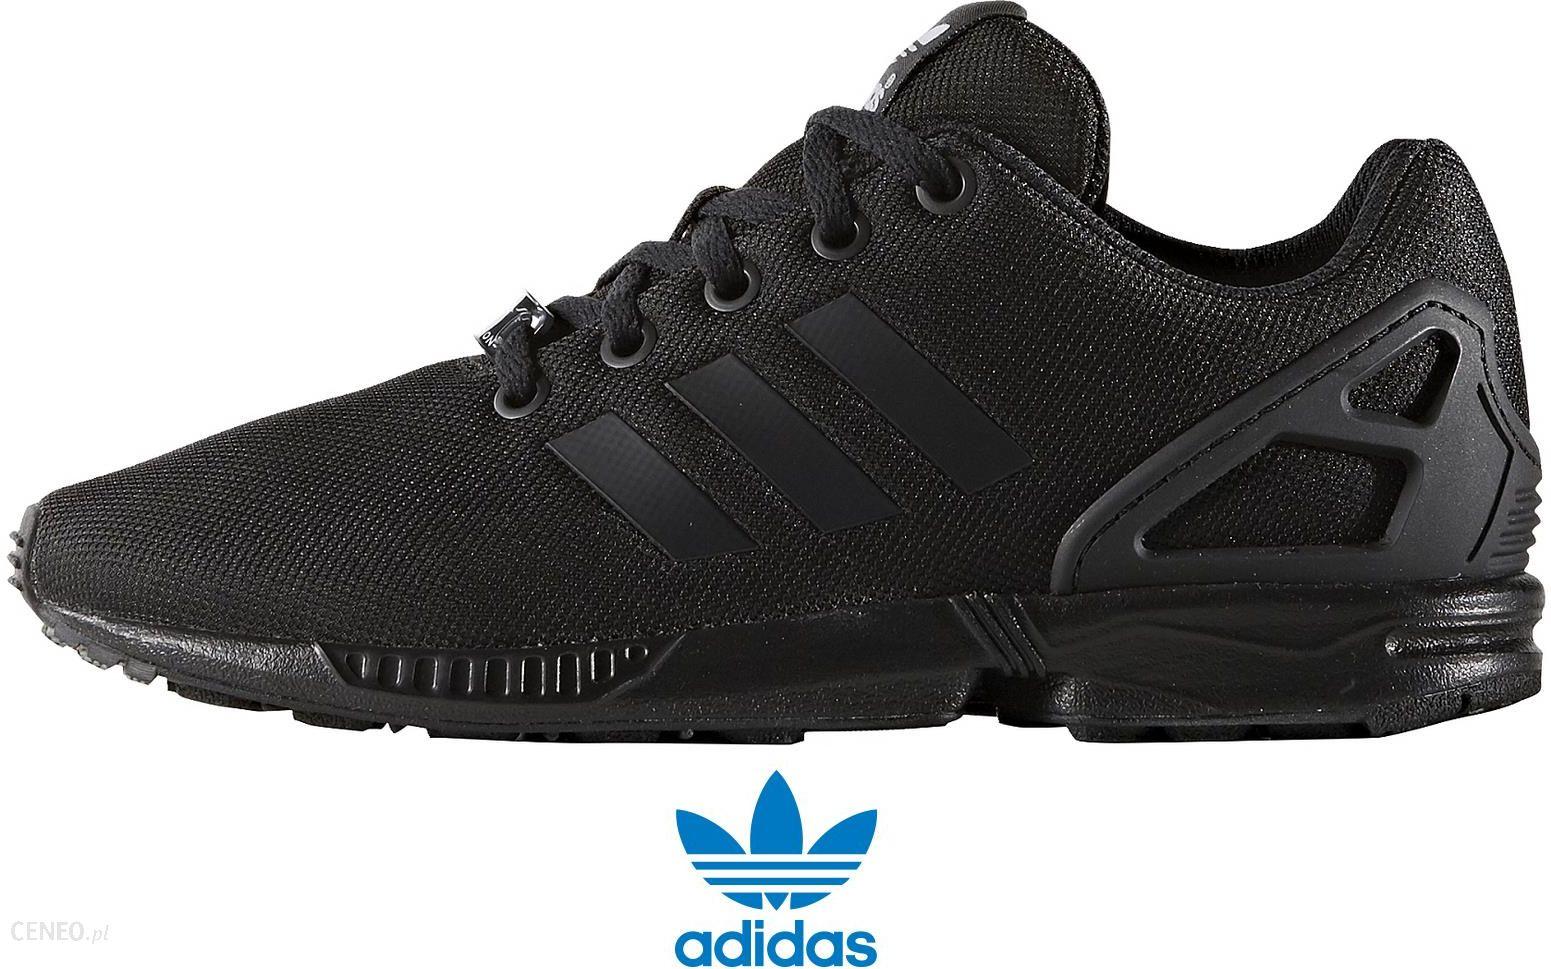 Buty Adidas Damskie Zx Flux K S82695 Czarne Ceny i opinie Ceneo.pl